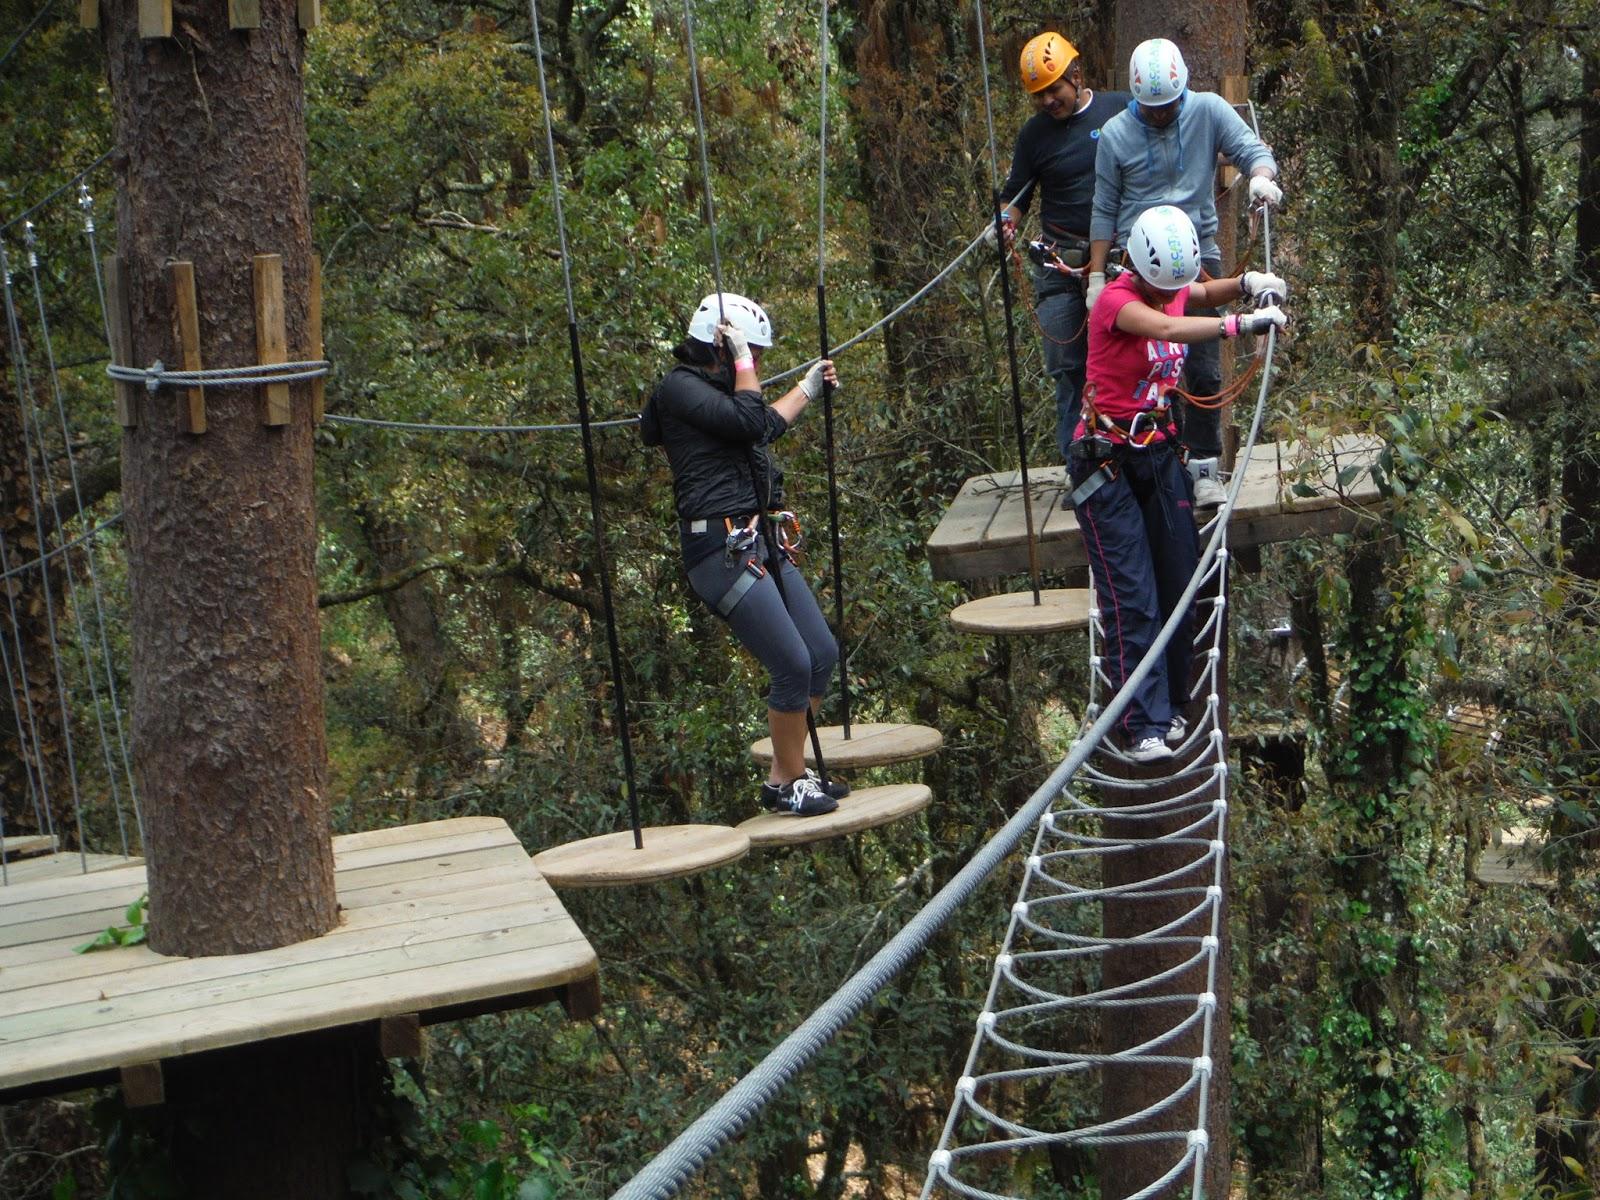 Personas cruzando el puente colgante en Zacatlán Adventure